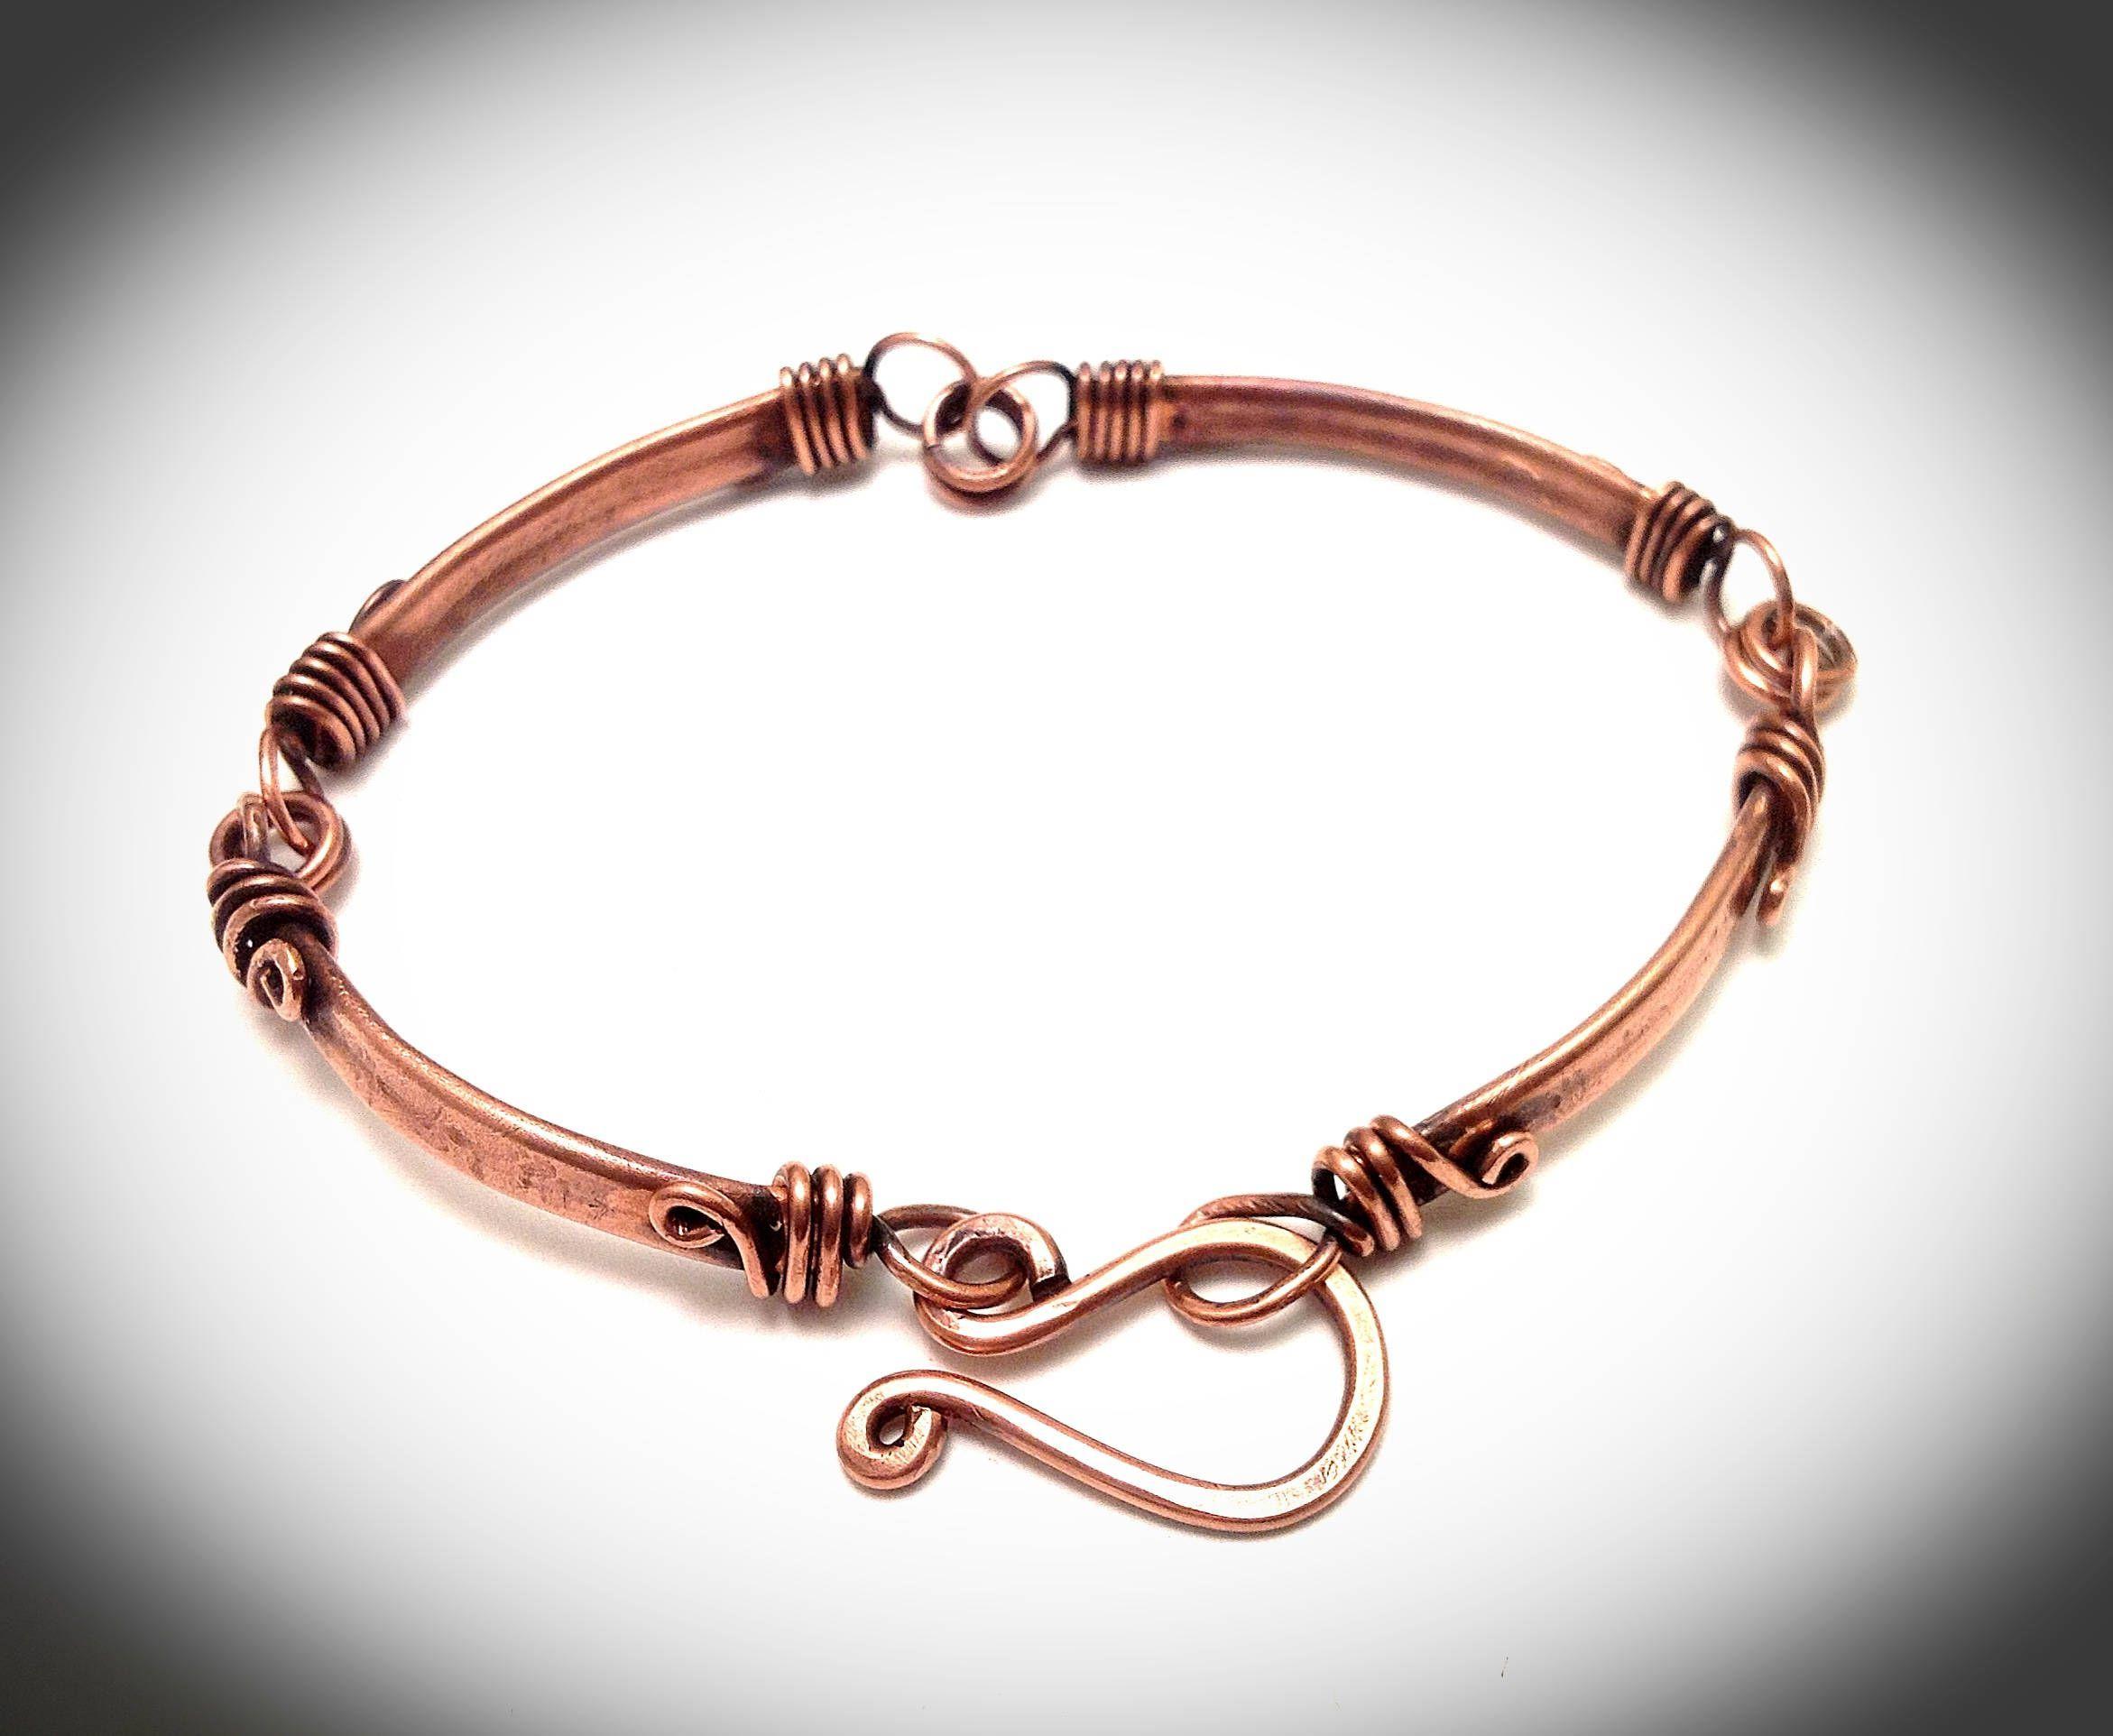 Copper bracelet. Bangle bracelet.Wire jewelry. Wire wrapped jewelry ...